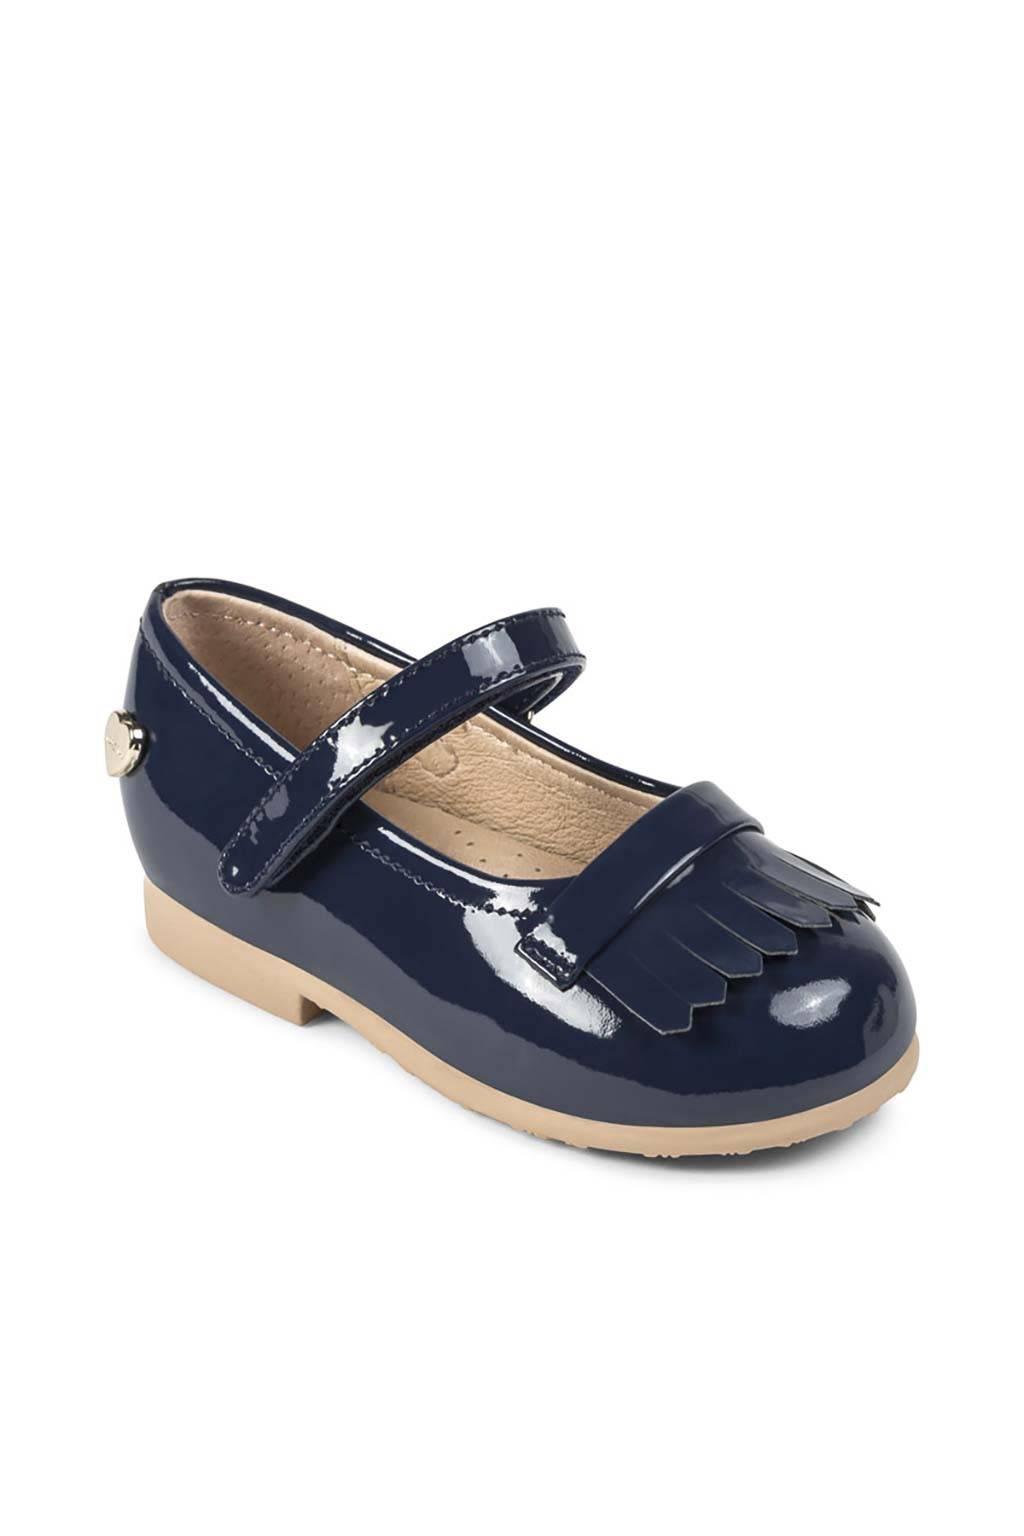 comprar real diseño innovador reputación confiable Zapatillas Mayoral zapato 41852 marino - Medinapiel.es